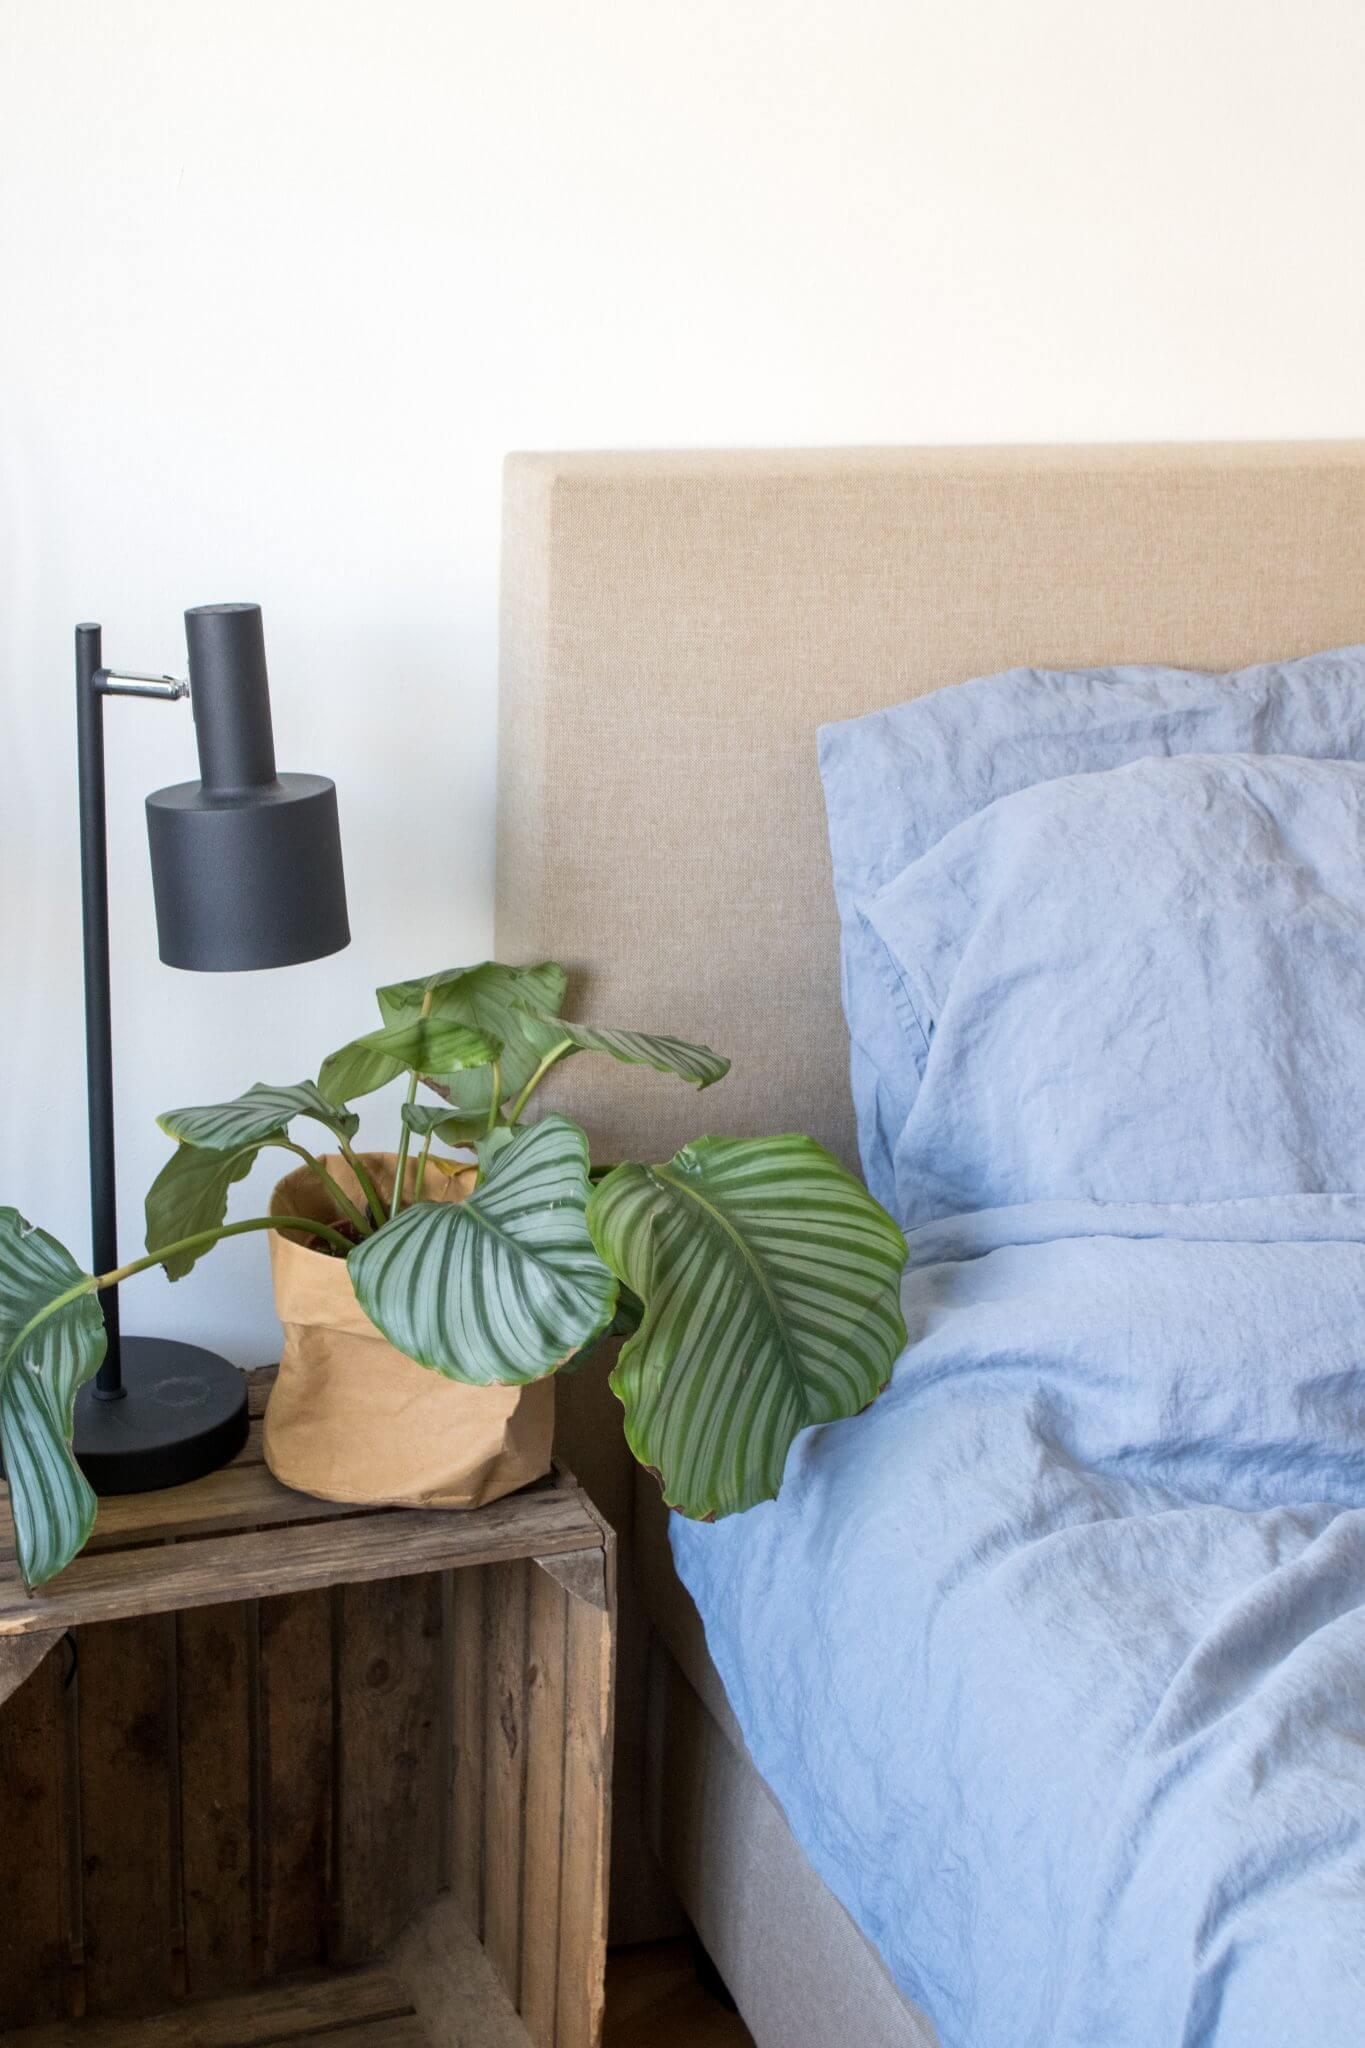 duurzaam-je-slaapkamer-inrichten